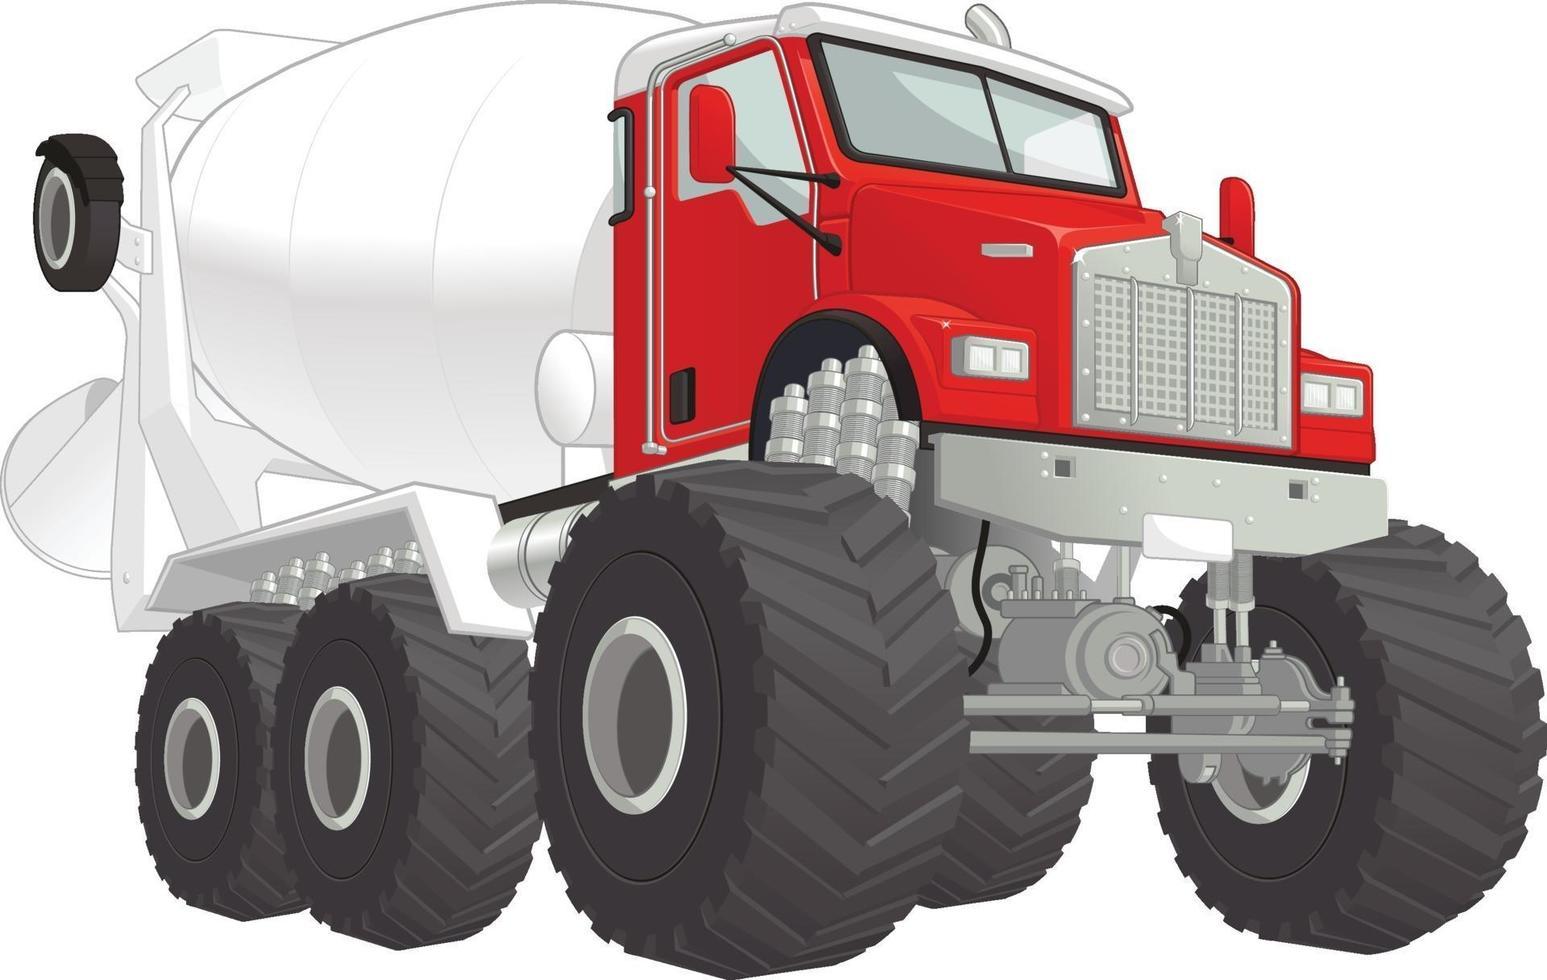 monster truck cement mixer bil tecknad vektorillustration ritning vektor